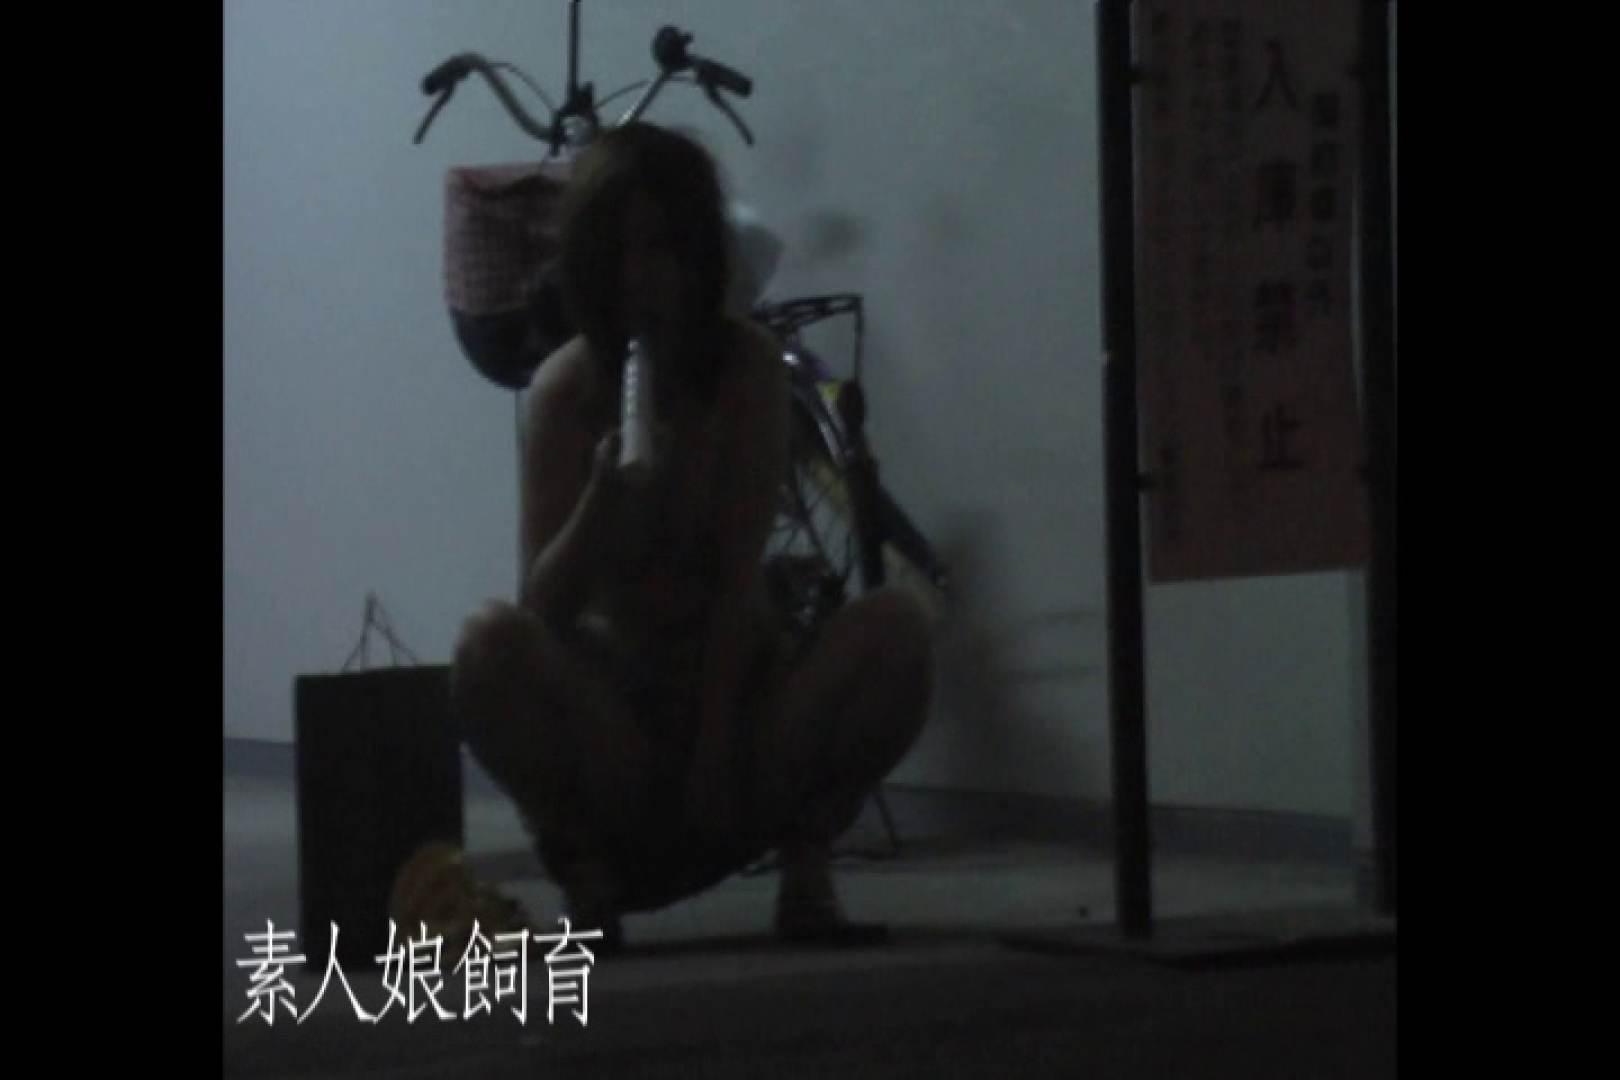 素人嬢飼育~お前の餌は他人棒~8月1日露出撮影貸出 一般投稿  109pic 64